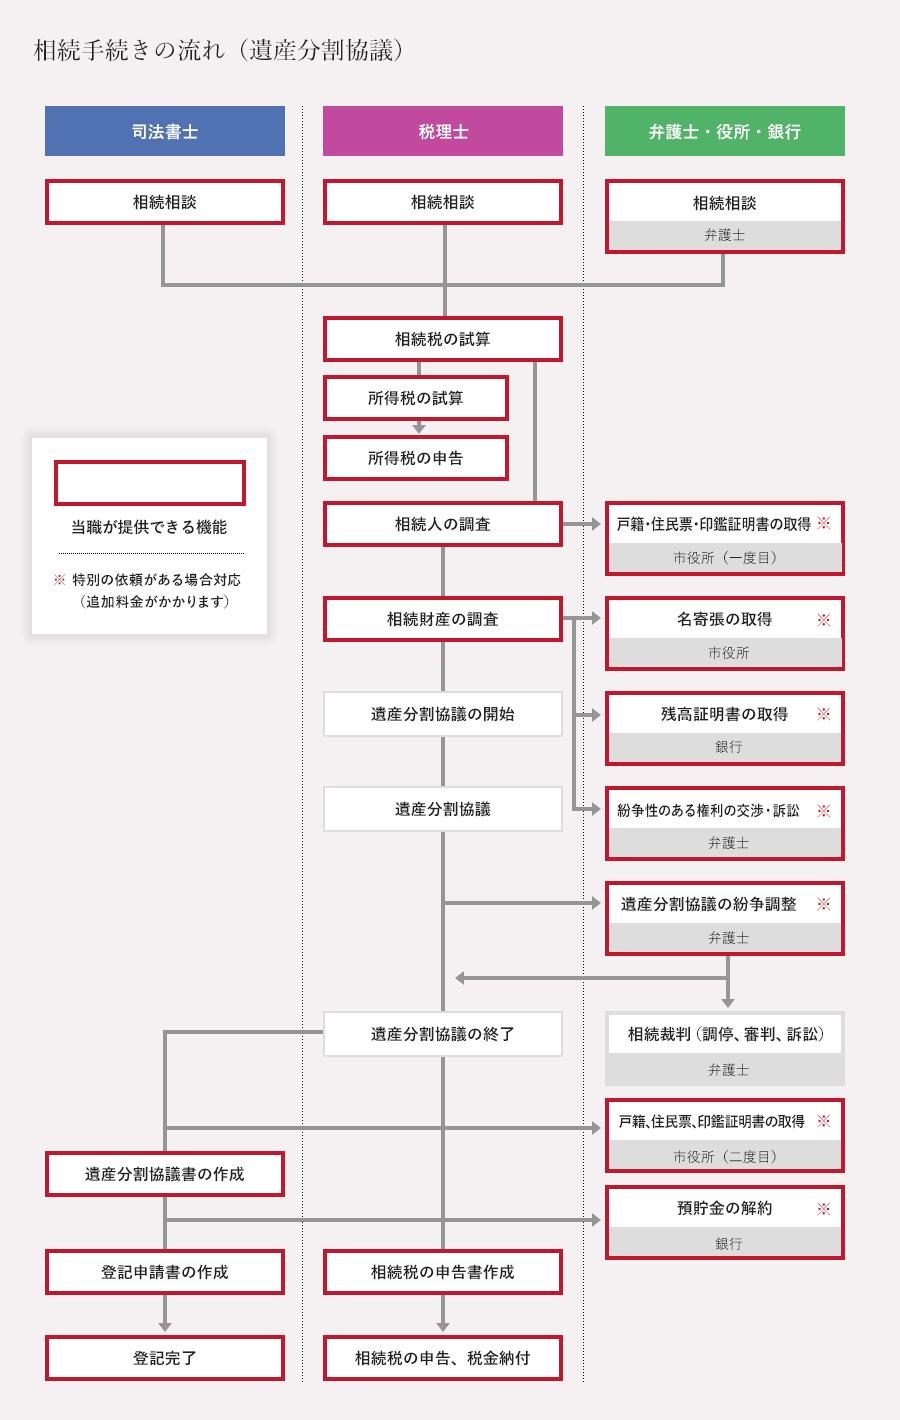 相続手続の流れ(遺産分割協議)